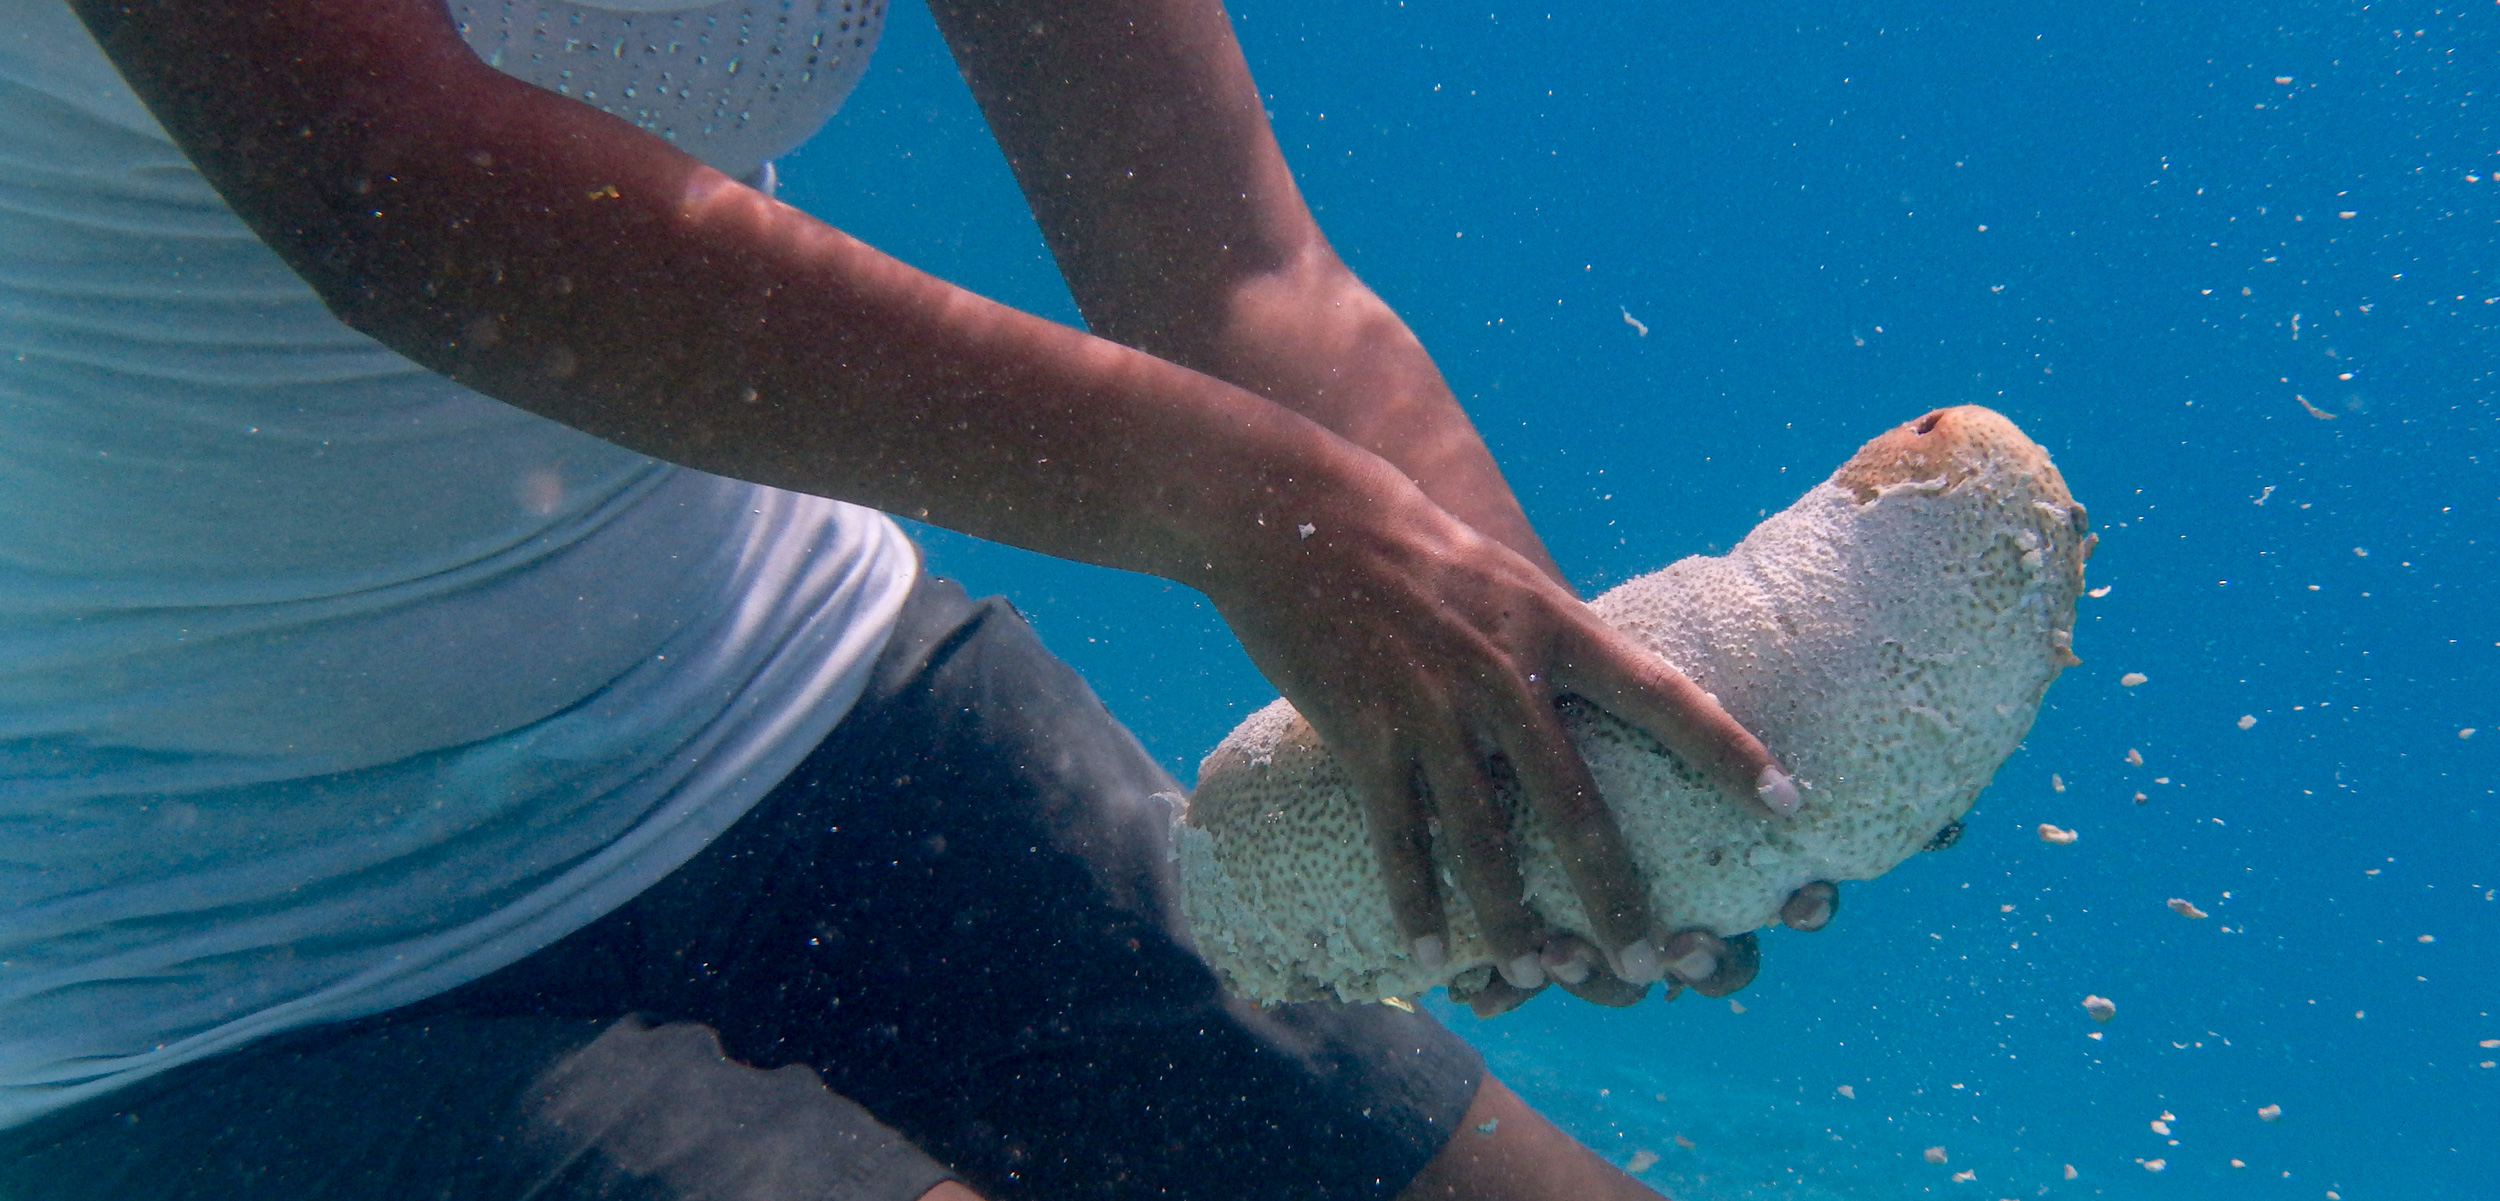 Catching a sea cucumber in Palau